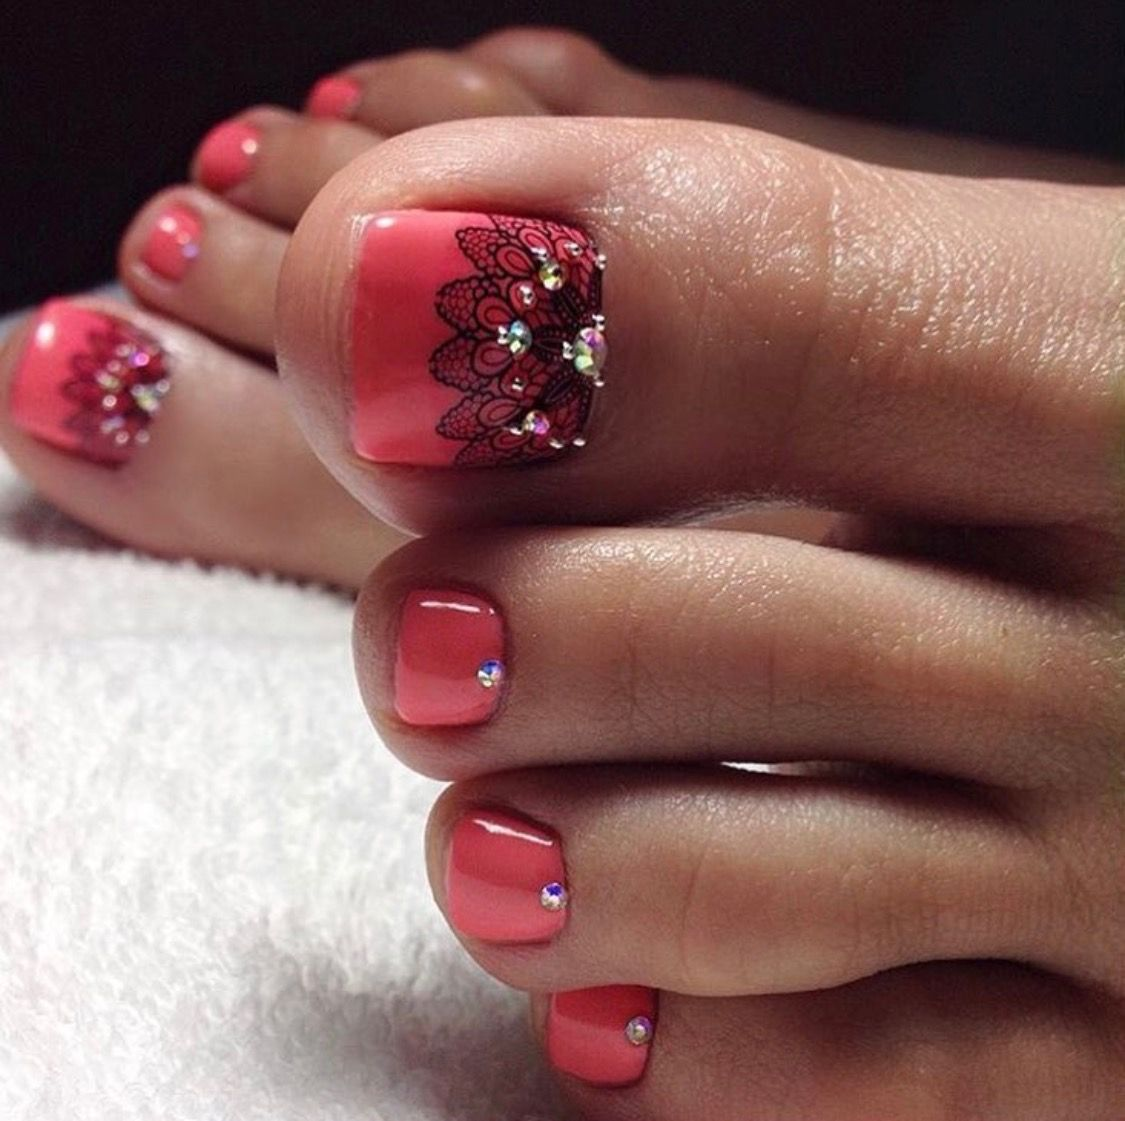 Pin by irina ruban on Nail   Pinterest   Pedicures, Toe nail designs ...